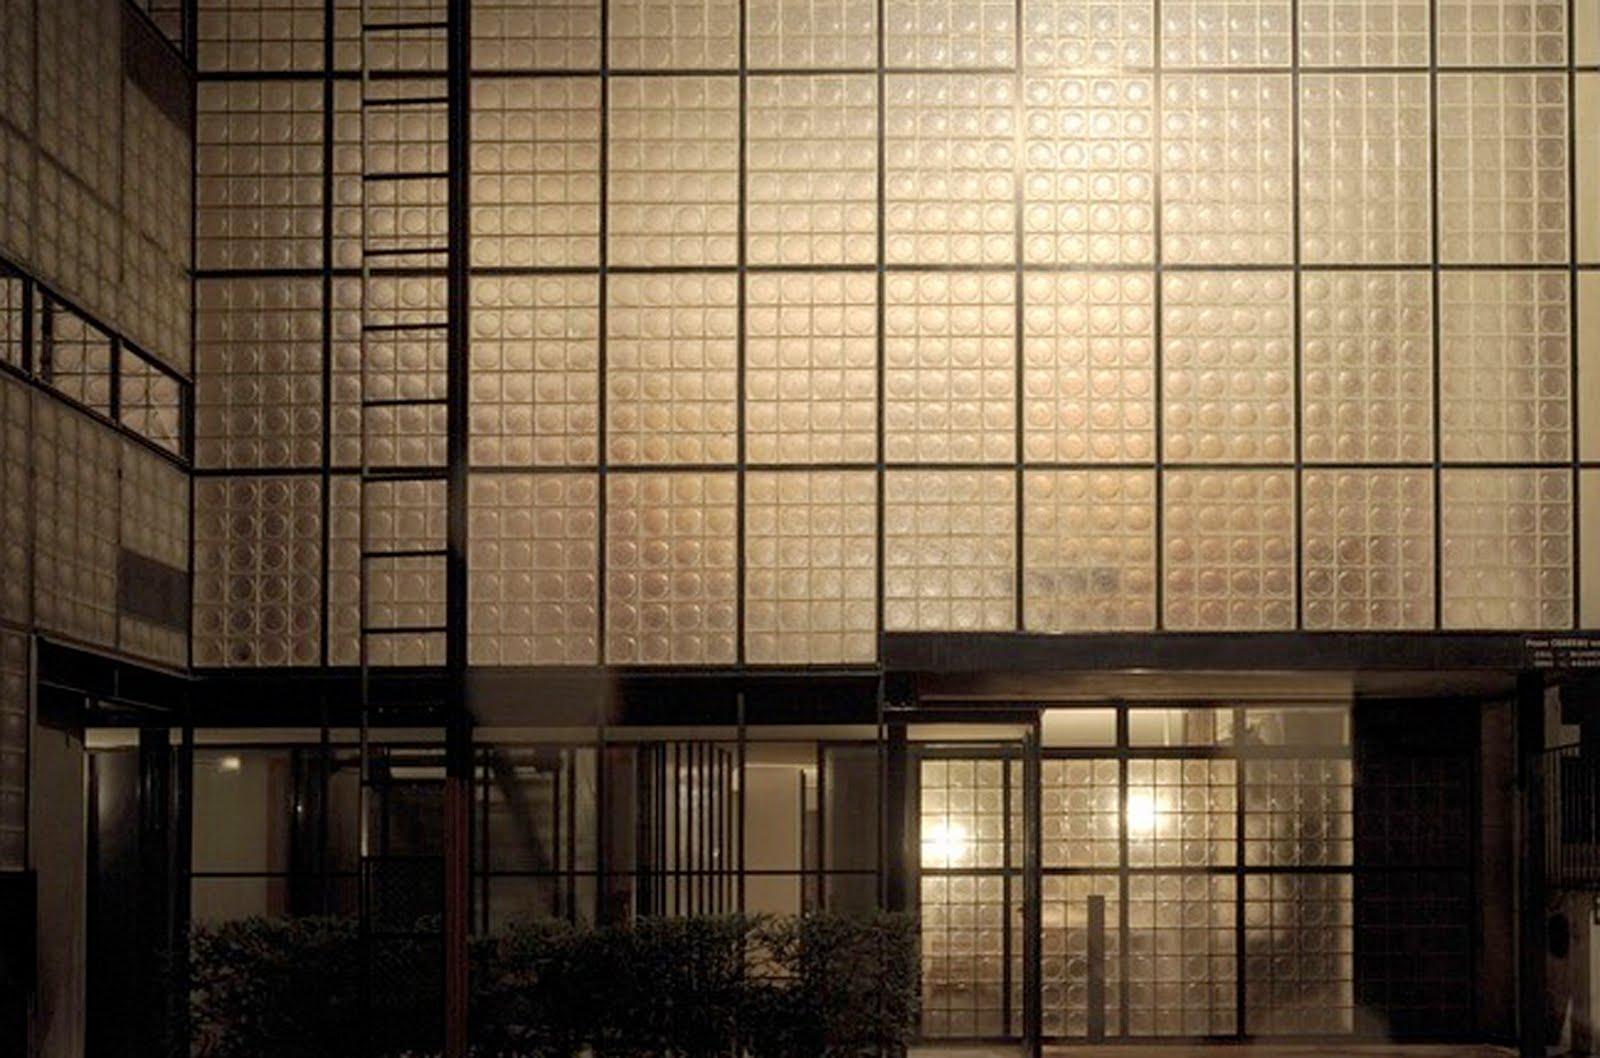 la maison de verre: chareau on the façade solution